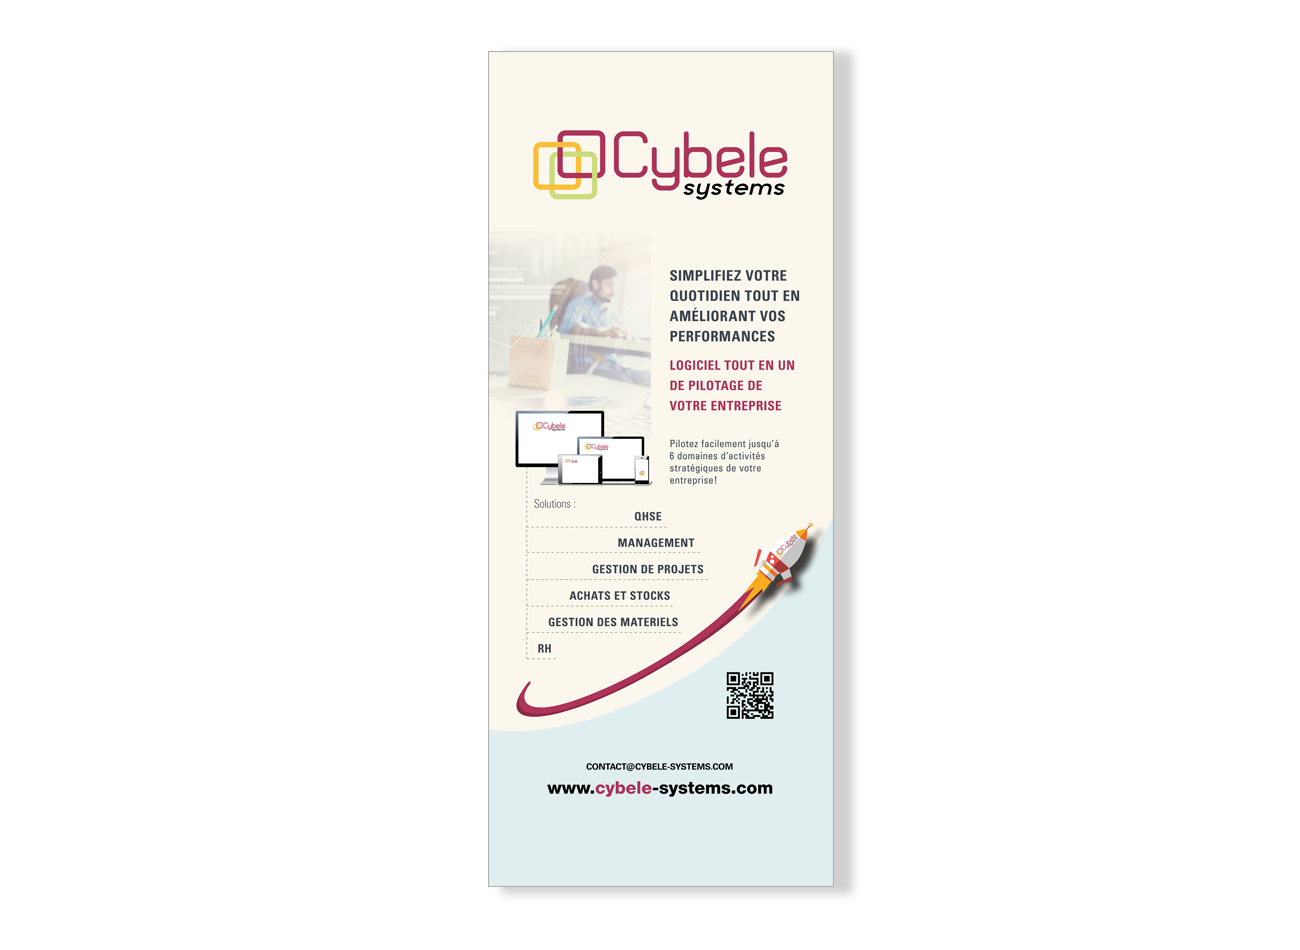 Roll-Up Cybele Systems LOGICIEL TOUT EN UN DE PILOTAGE DE VOTRE ENTREPRISE